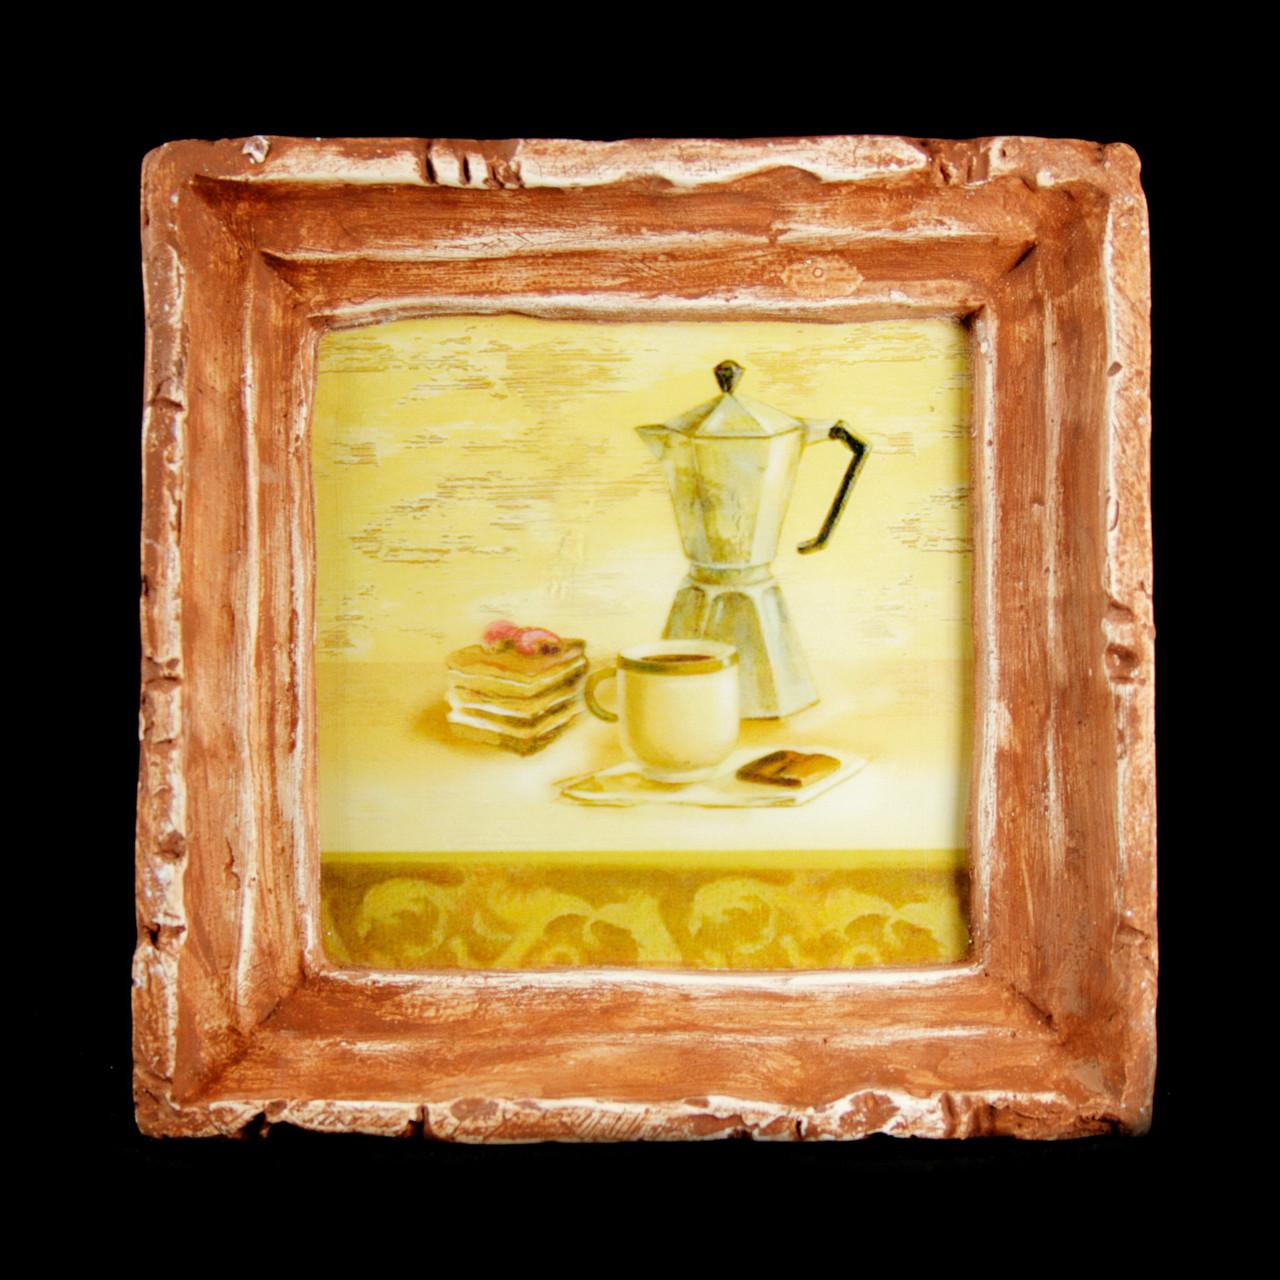 Подарок картина керамическая для любителей кофе авторский дизайн Кофеварка 9*9см 9798 - Кофейная Компания Coffee Company в Киеве